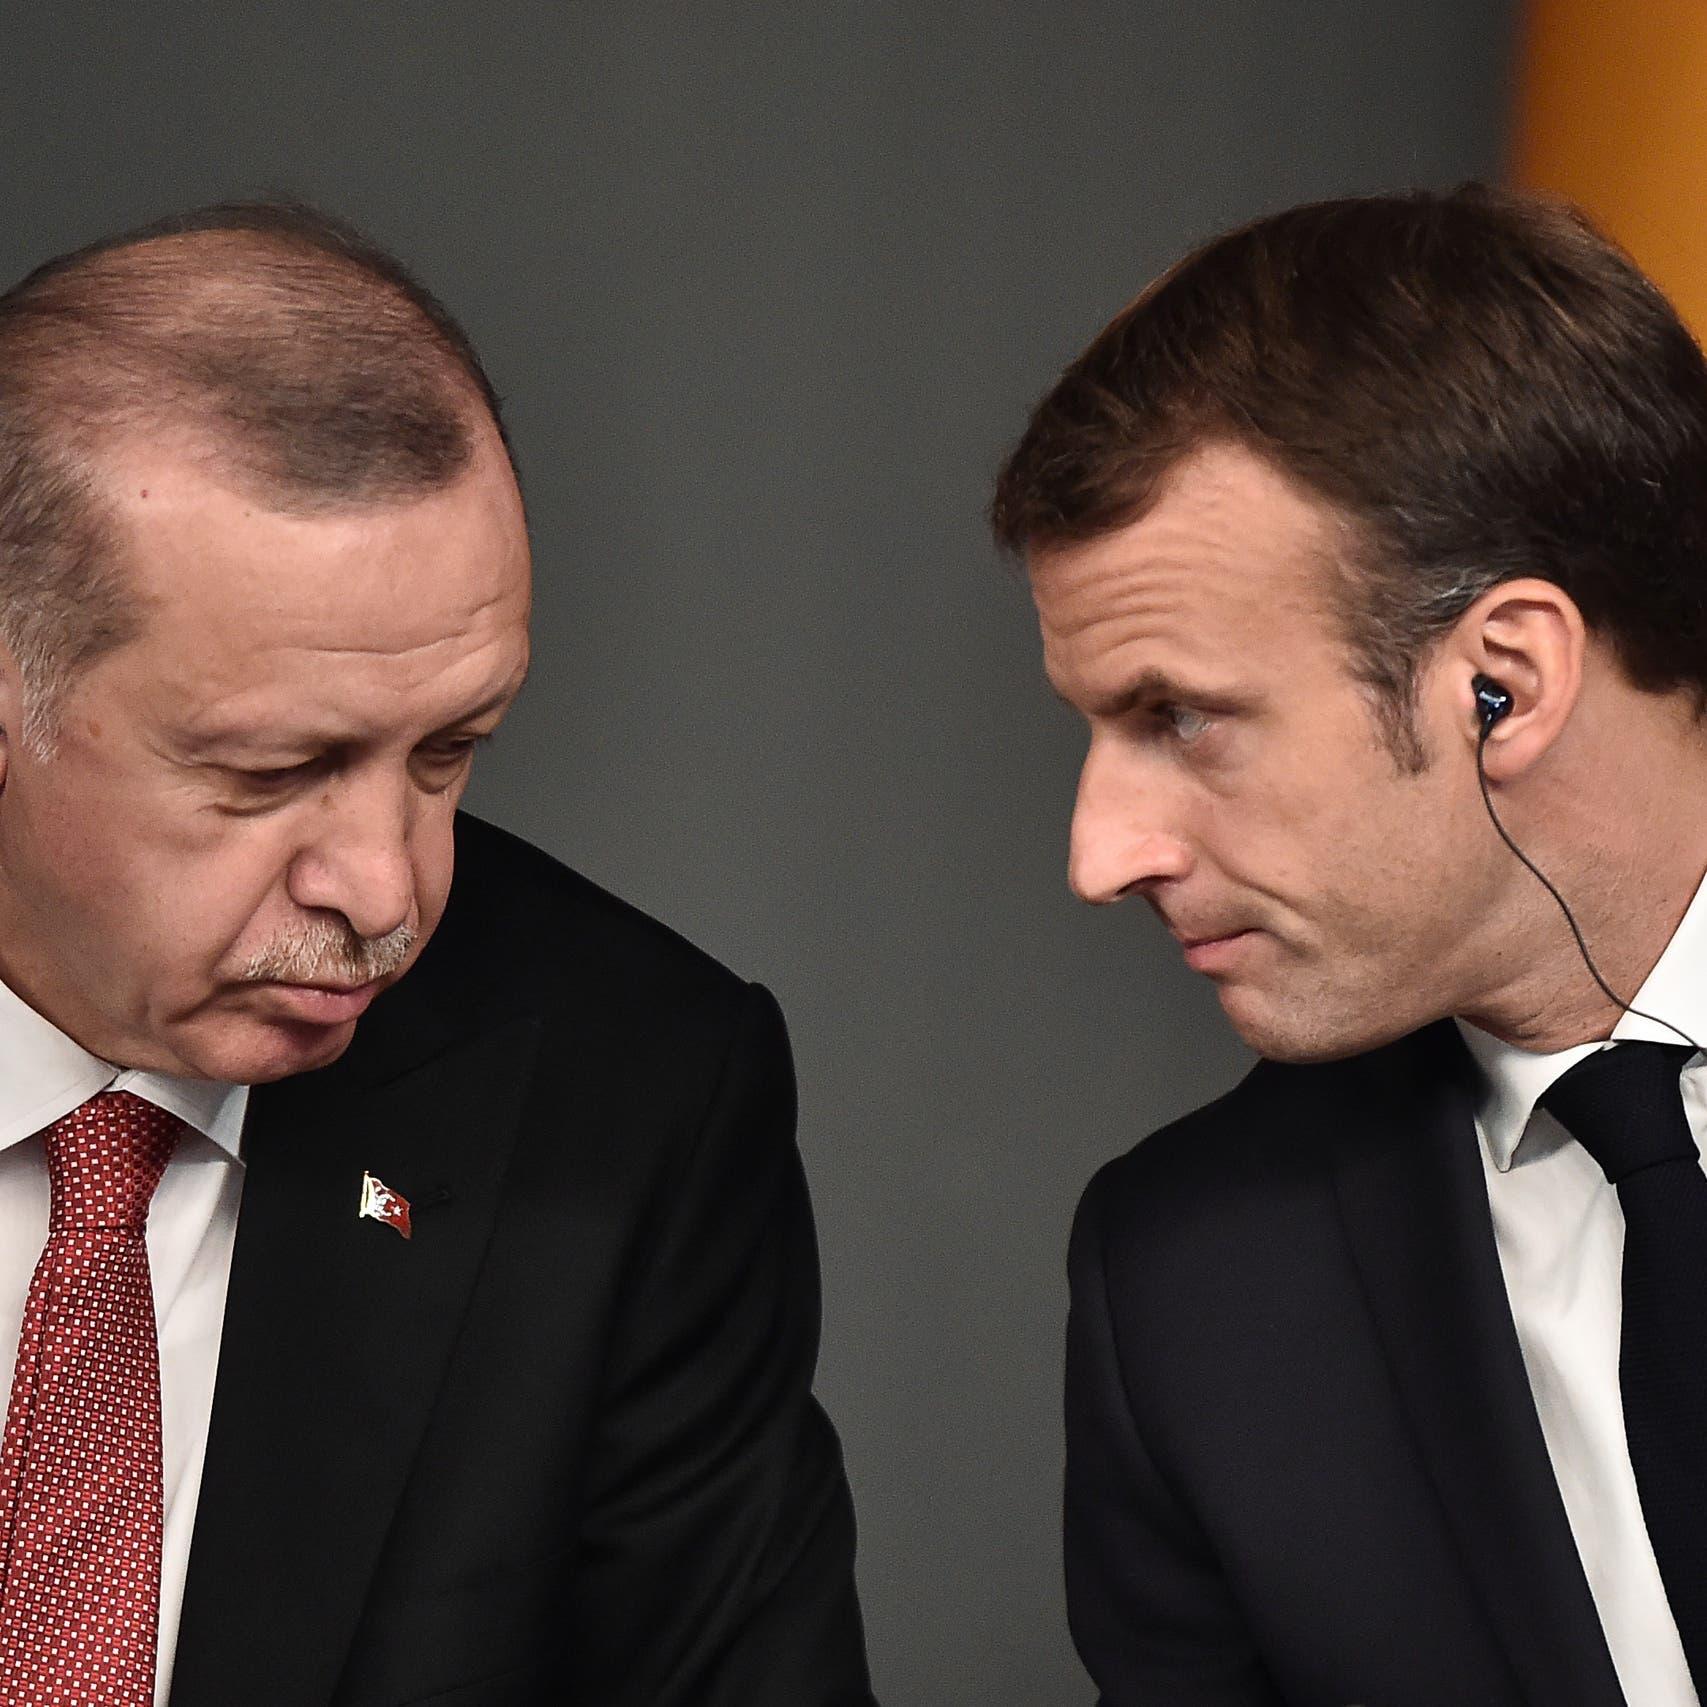 ماكرون لأردوغان: التزم بالاحترام في تصريحاتك!